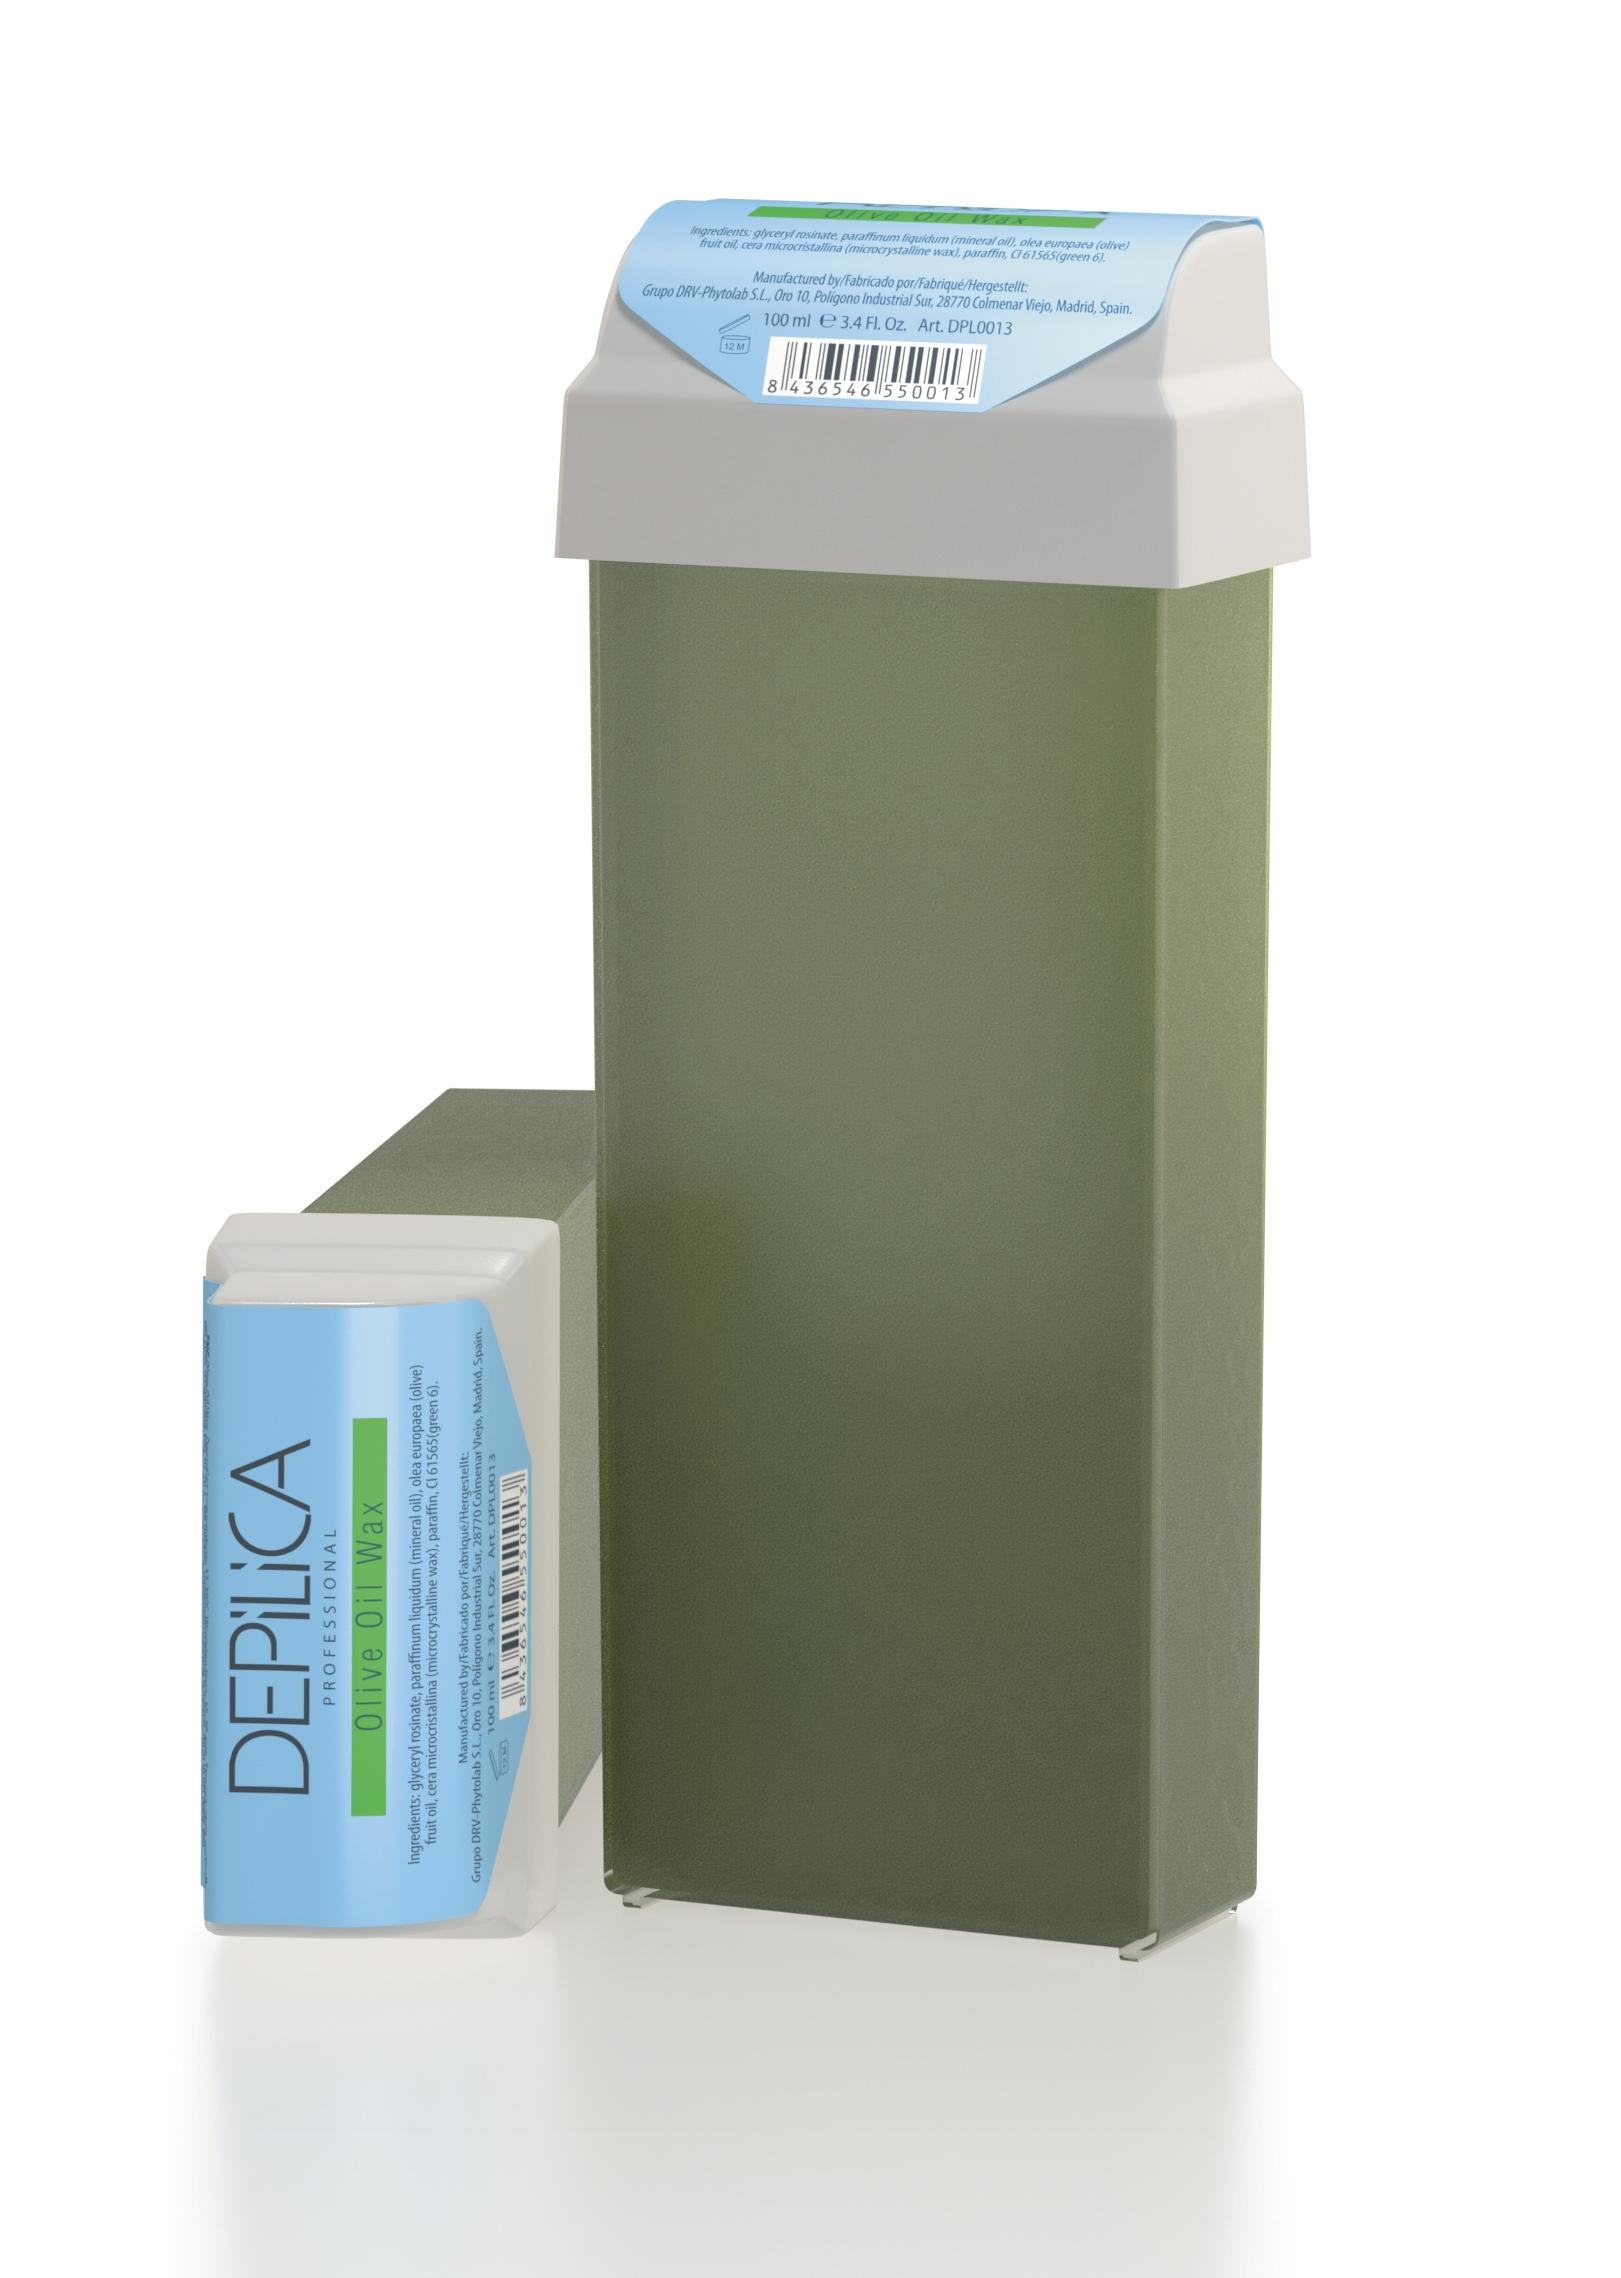 DEPILICA PROFESSIONAL Воск теплый с маслом Оливы / Olive Oil Warm Wax 100млВоски<br>Содержит очищенное оливковое масло первого холодного отжима, сосновую смолу и комплекс растительных масел. Оказывает смягчающее и успокаивающее действие на кожу после эпиляции. Для всех типов волос. Универсальные картриджи воска подходят для всех стандартных нагревателей. Они оснащены роликом-аппликатором что очень удобно для быстрого и чистого нанесения.<br>